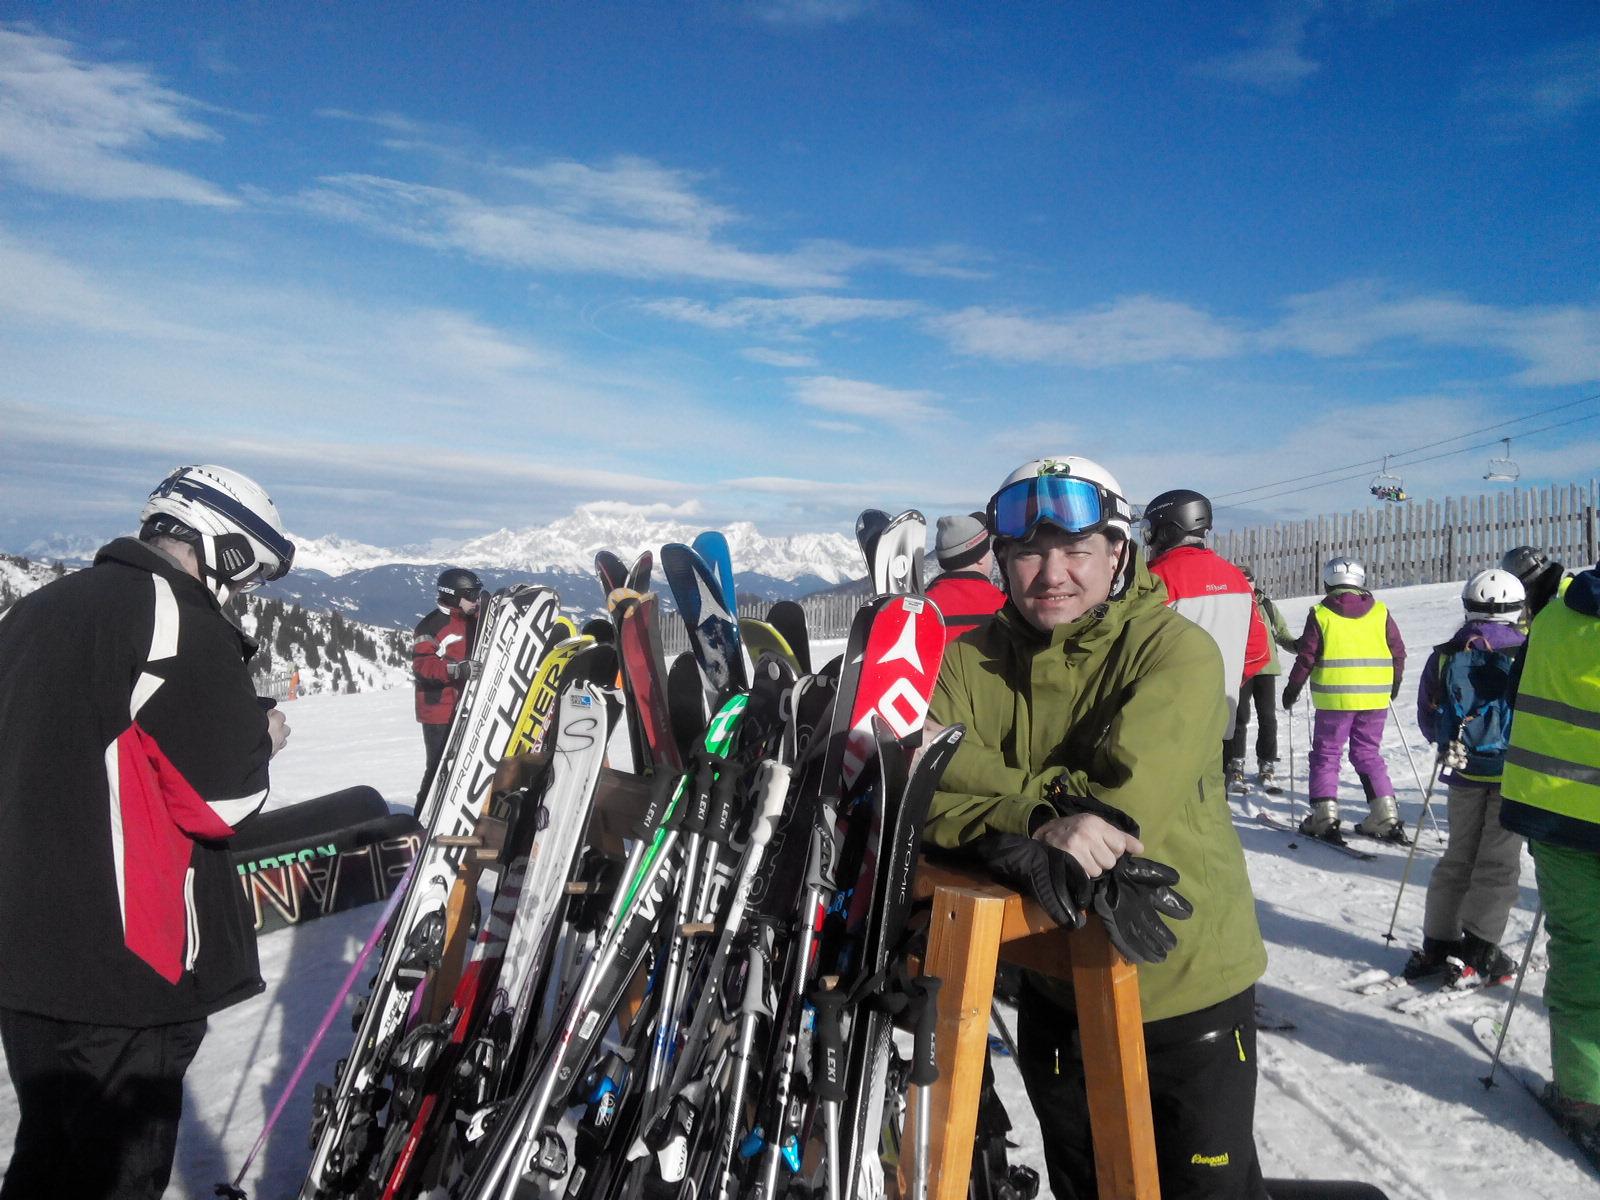 add4a7f5ef8b Мне довелось покатать множество лыж, от «тряпошных» лыж для девочек до  самых «пацанских» моделей, предназначенных для работы в труднопроходимых  условиях.